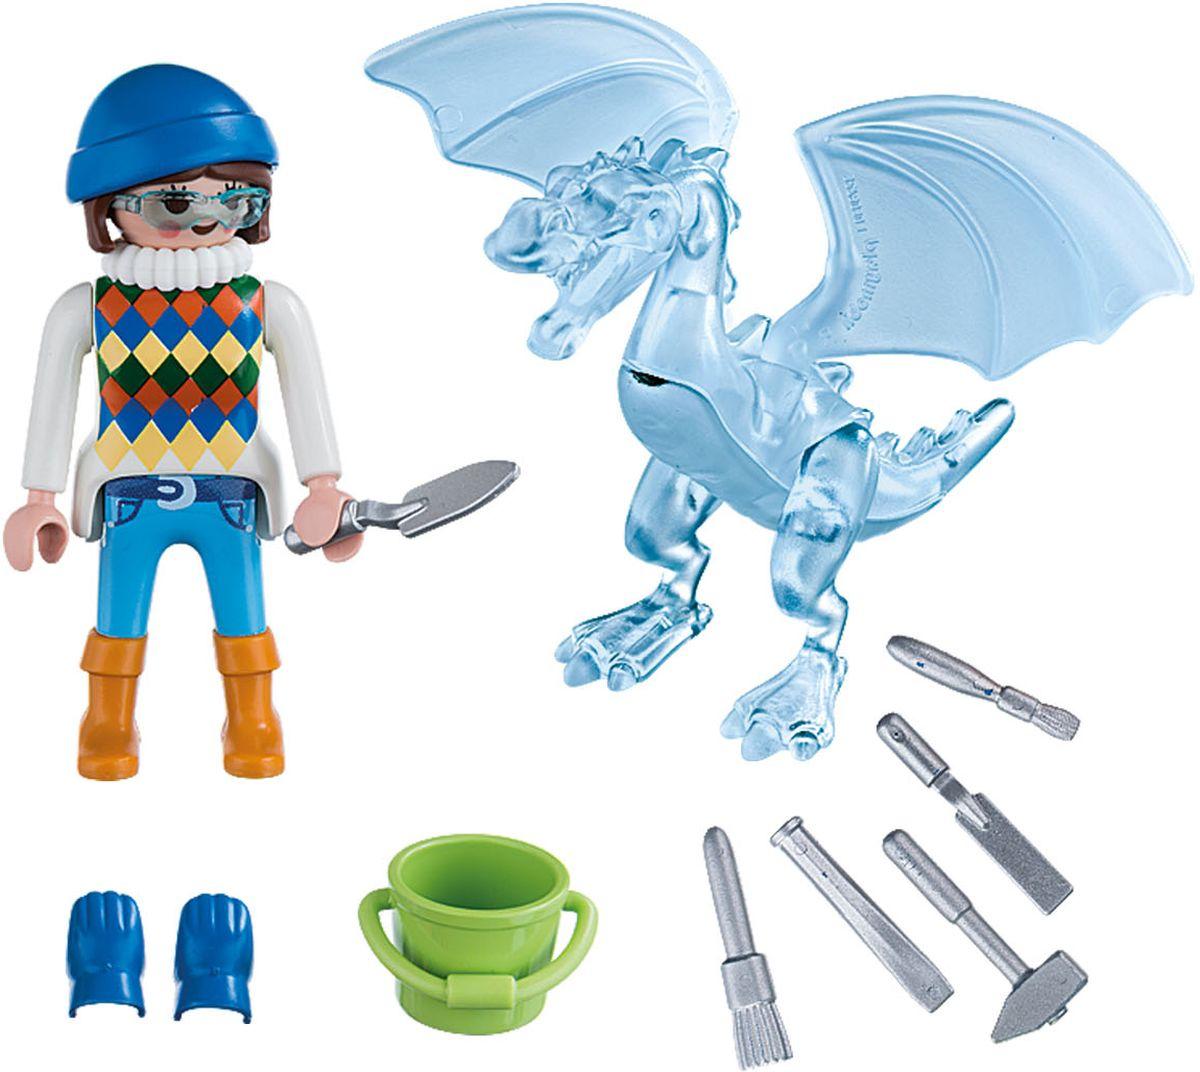 Playmobil Игровой набор Скульптор по льду